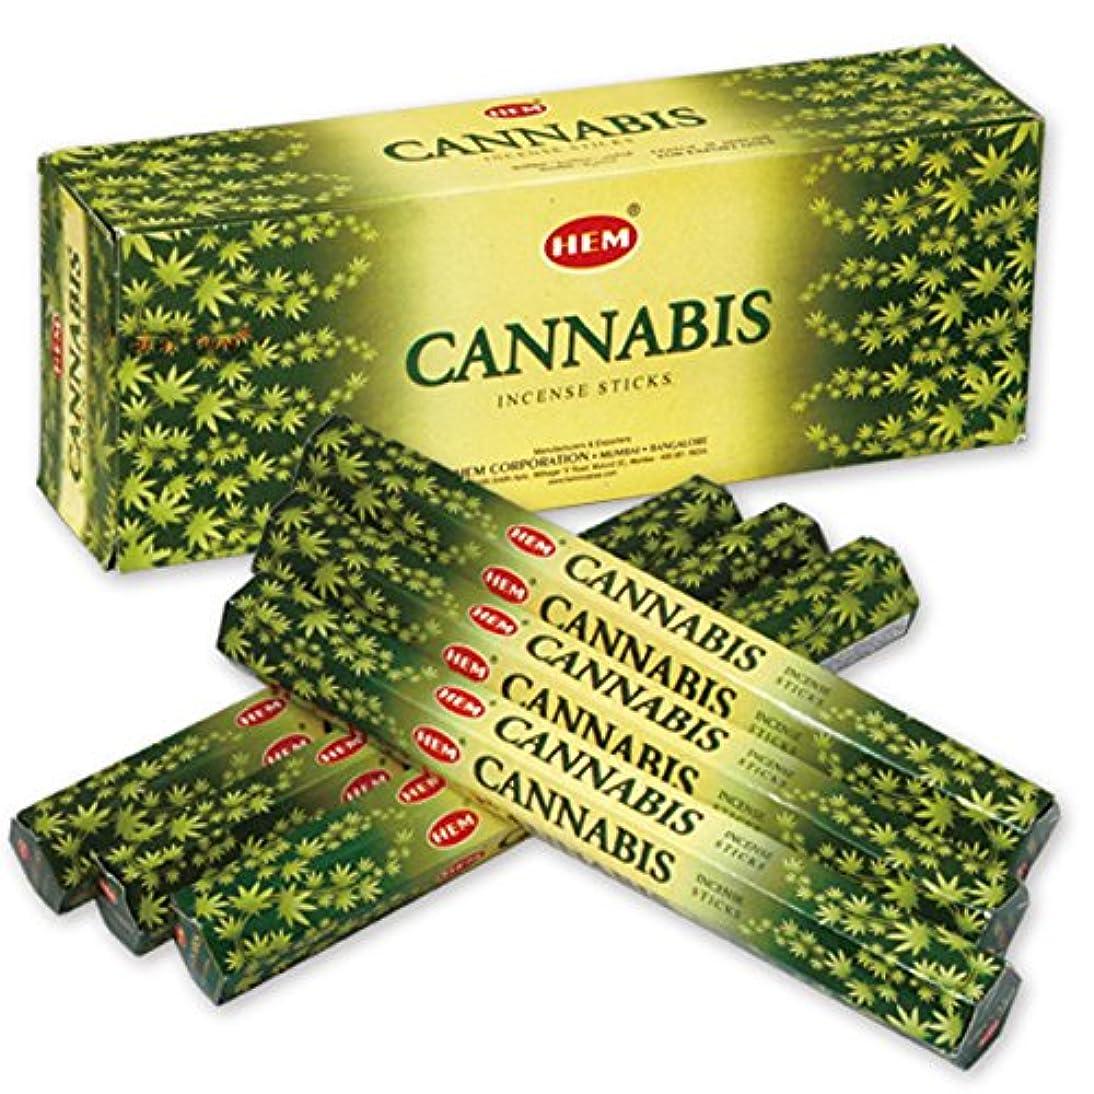 ささいなブランク群衆HEM(ヘム) カナビス CANNABIS スティックタイプ お香 6筒 セット [並行輸入品]